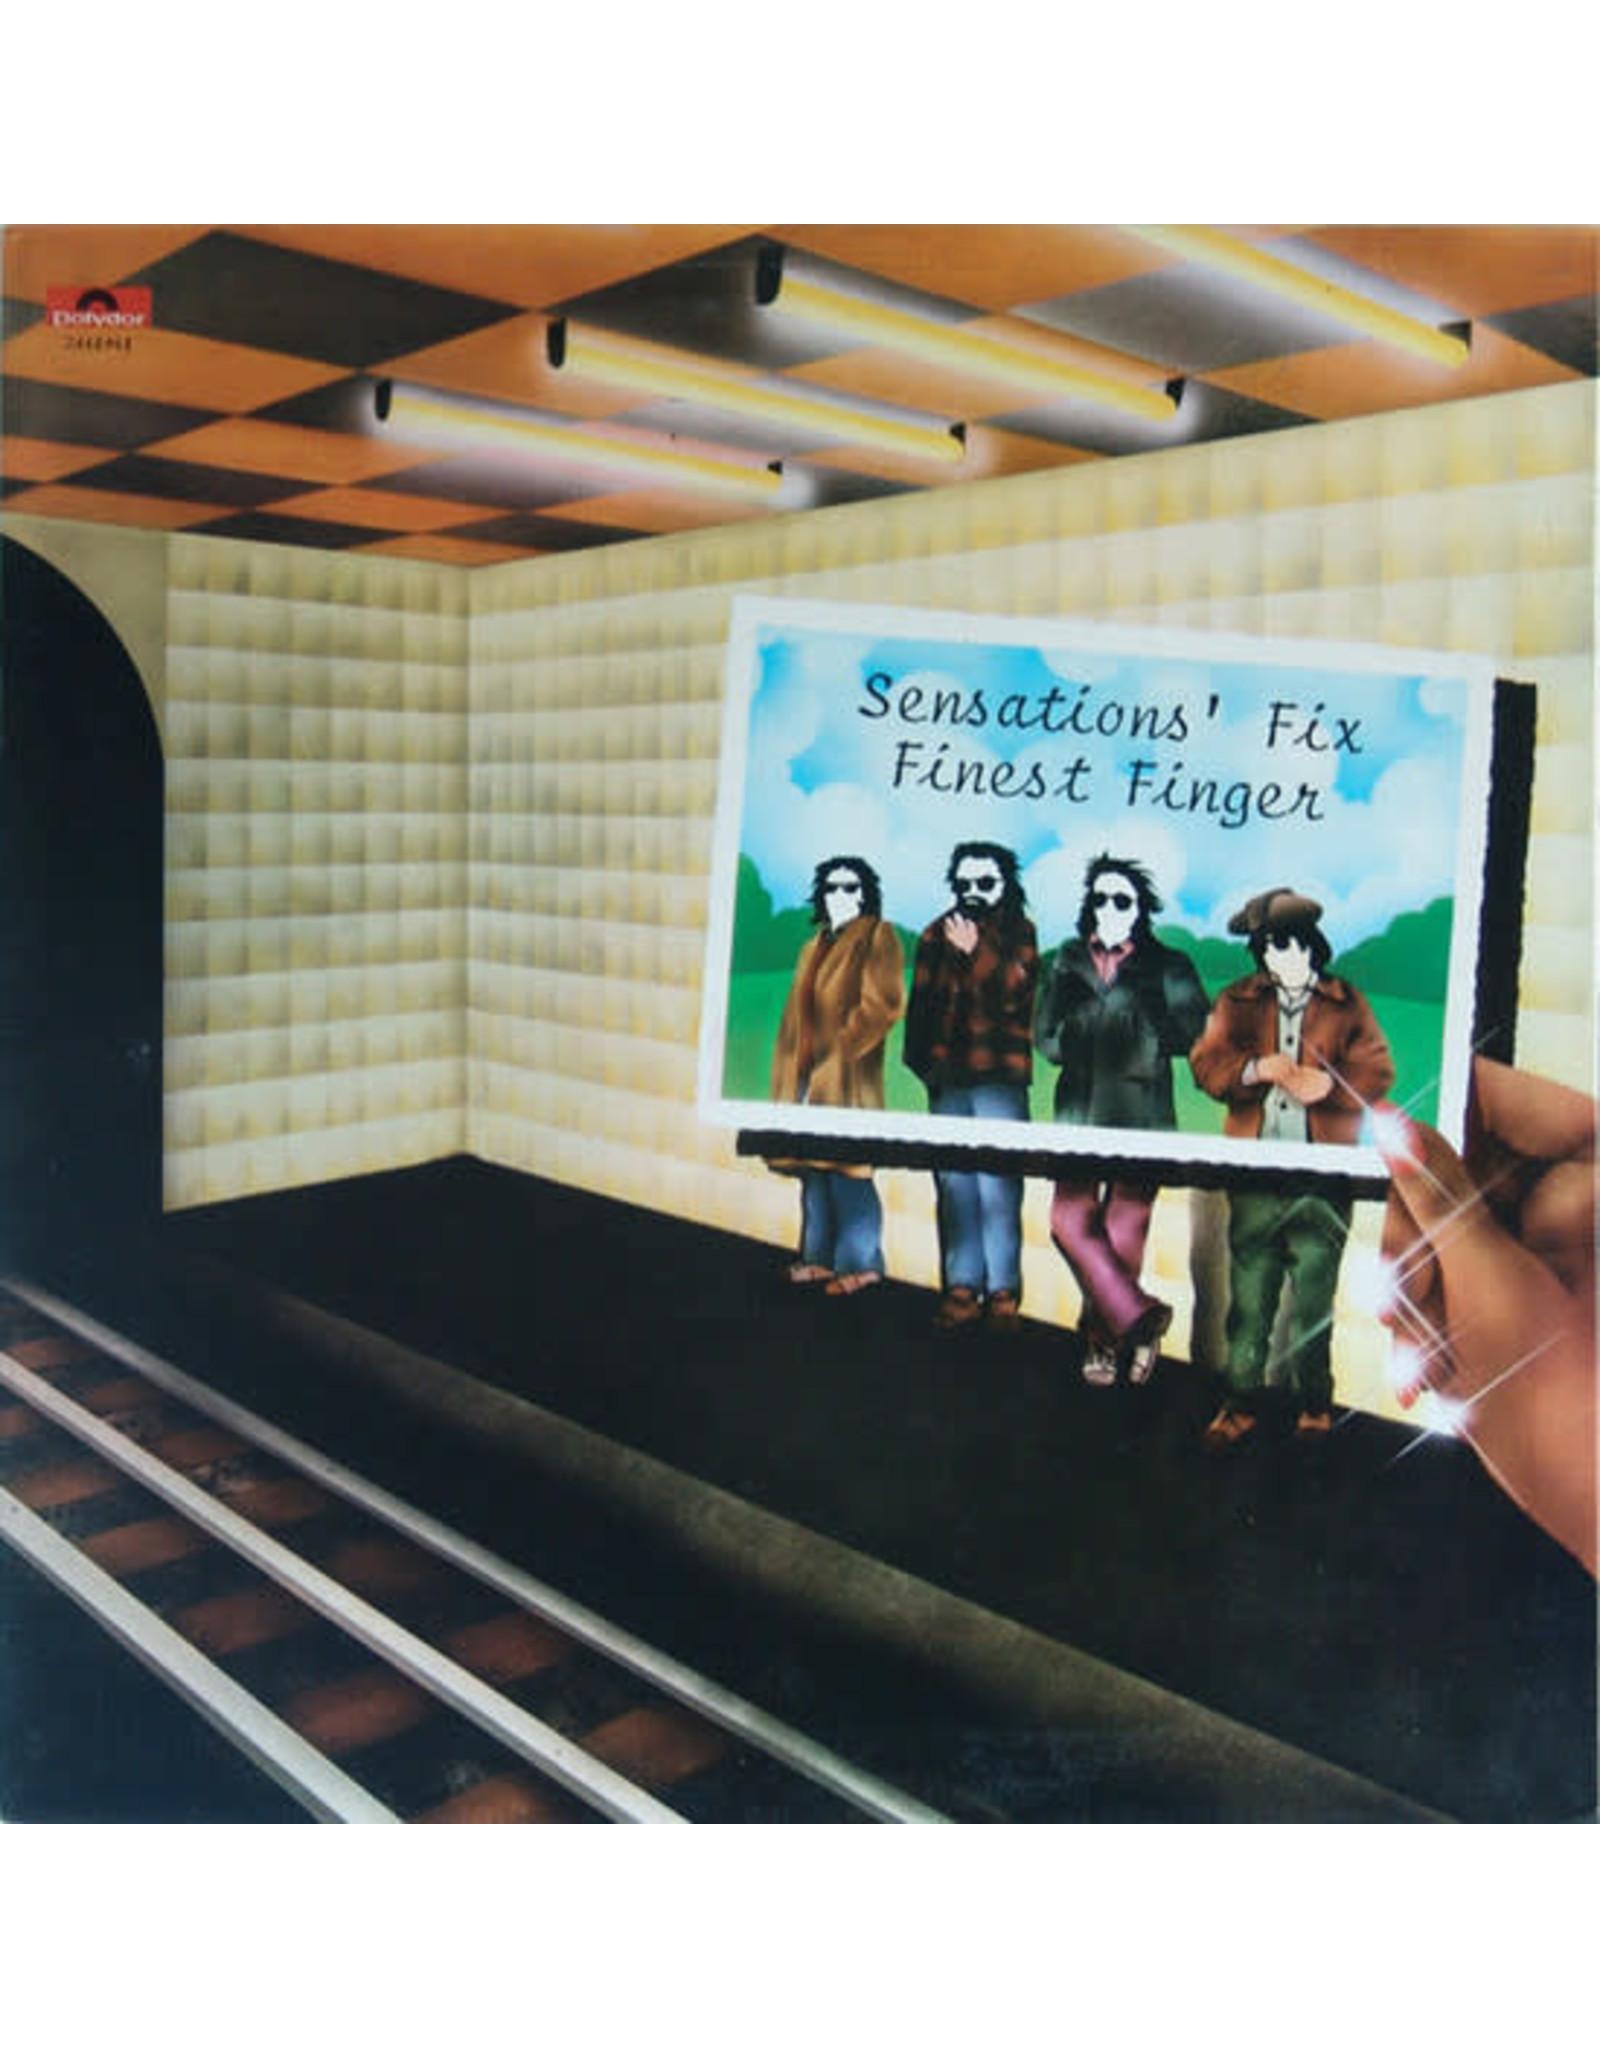 Vinyl Magic Sensations' Fix: Finest Finger LP